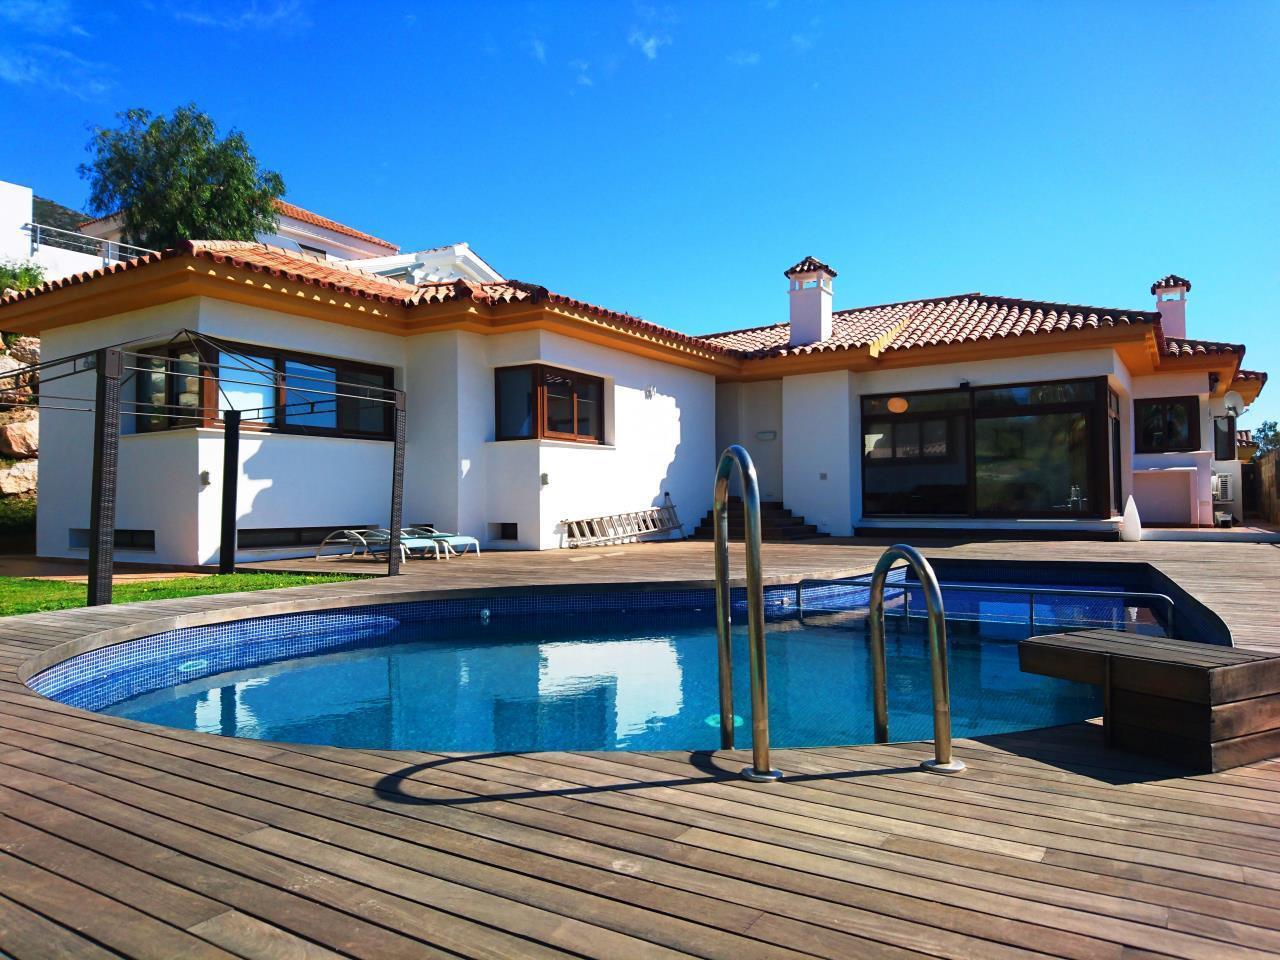 Villa in Reserva del Higuerón, Benalmadena